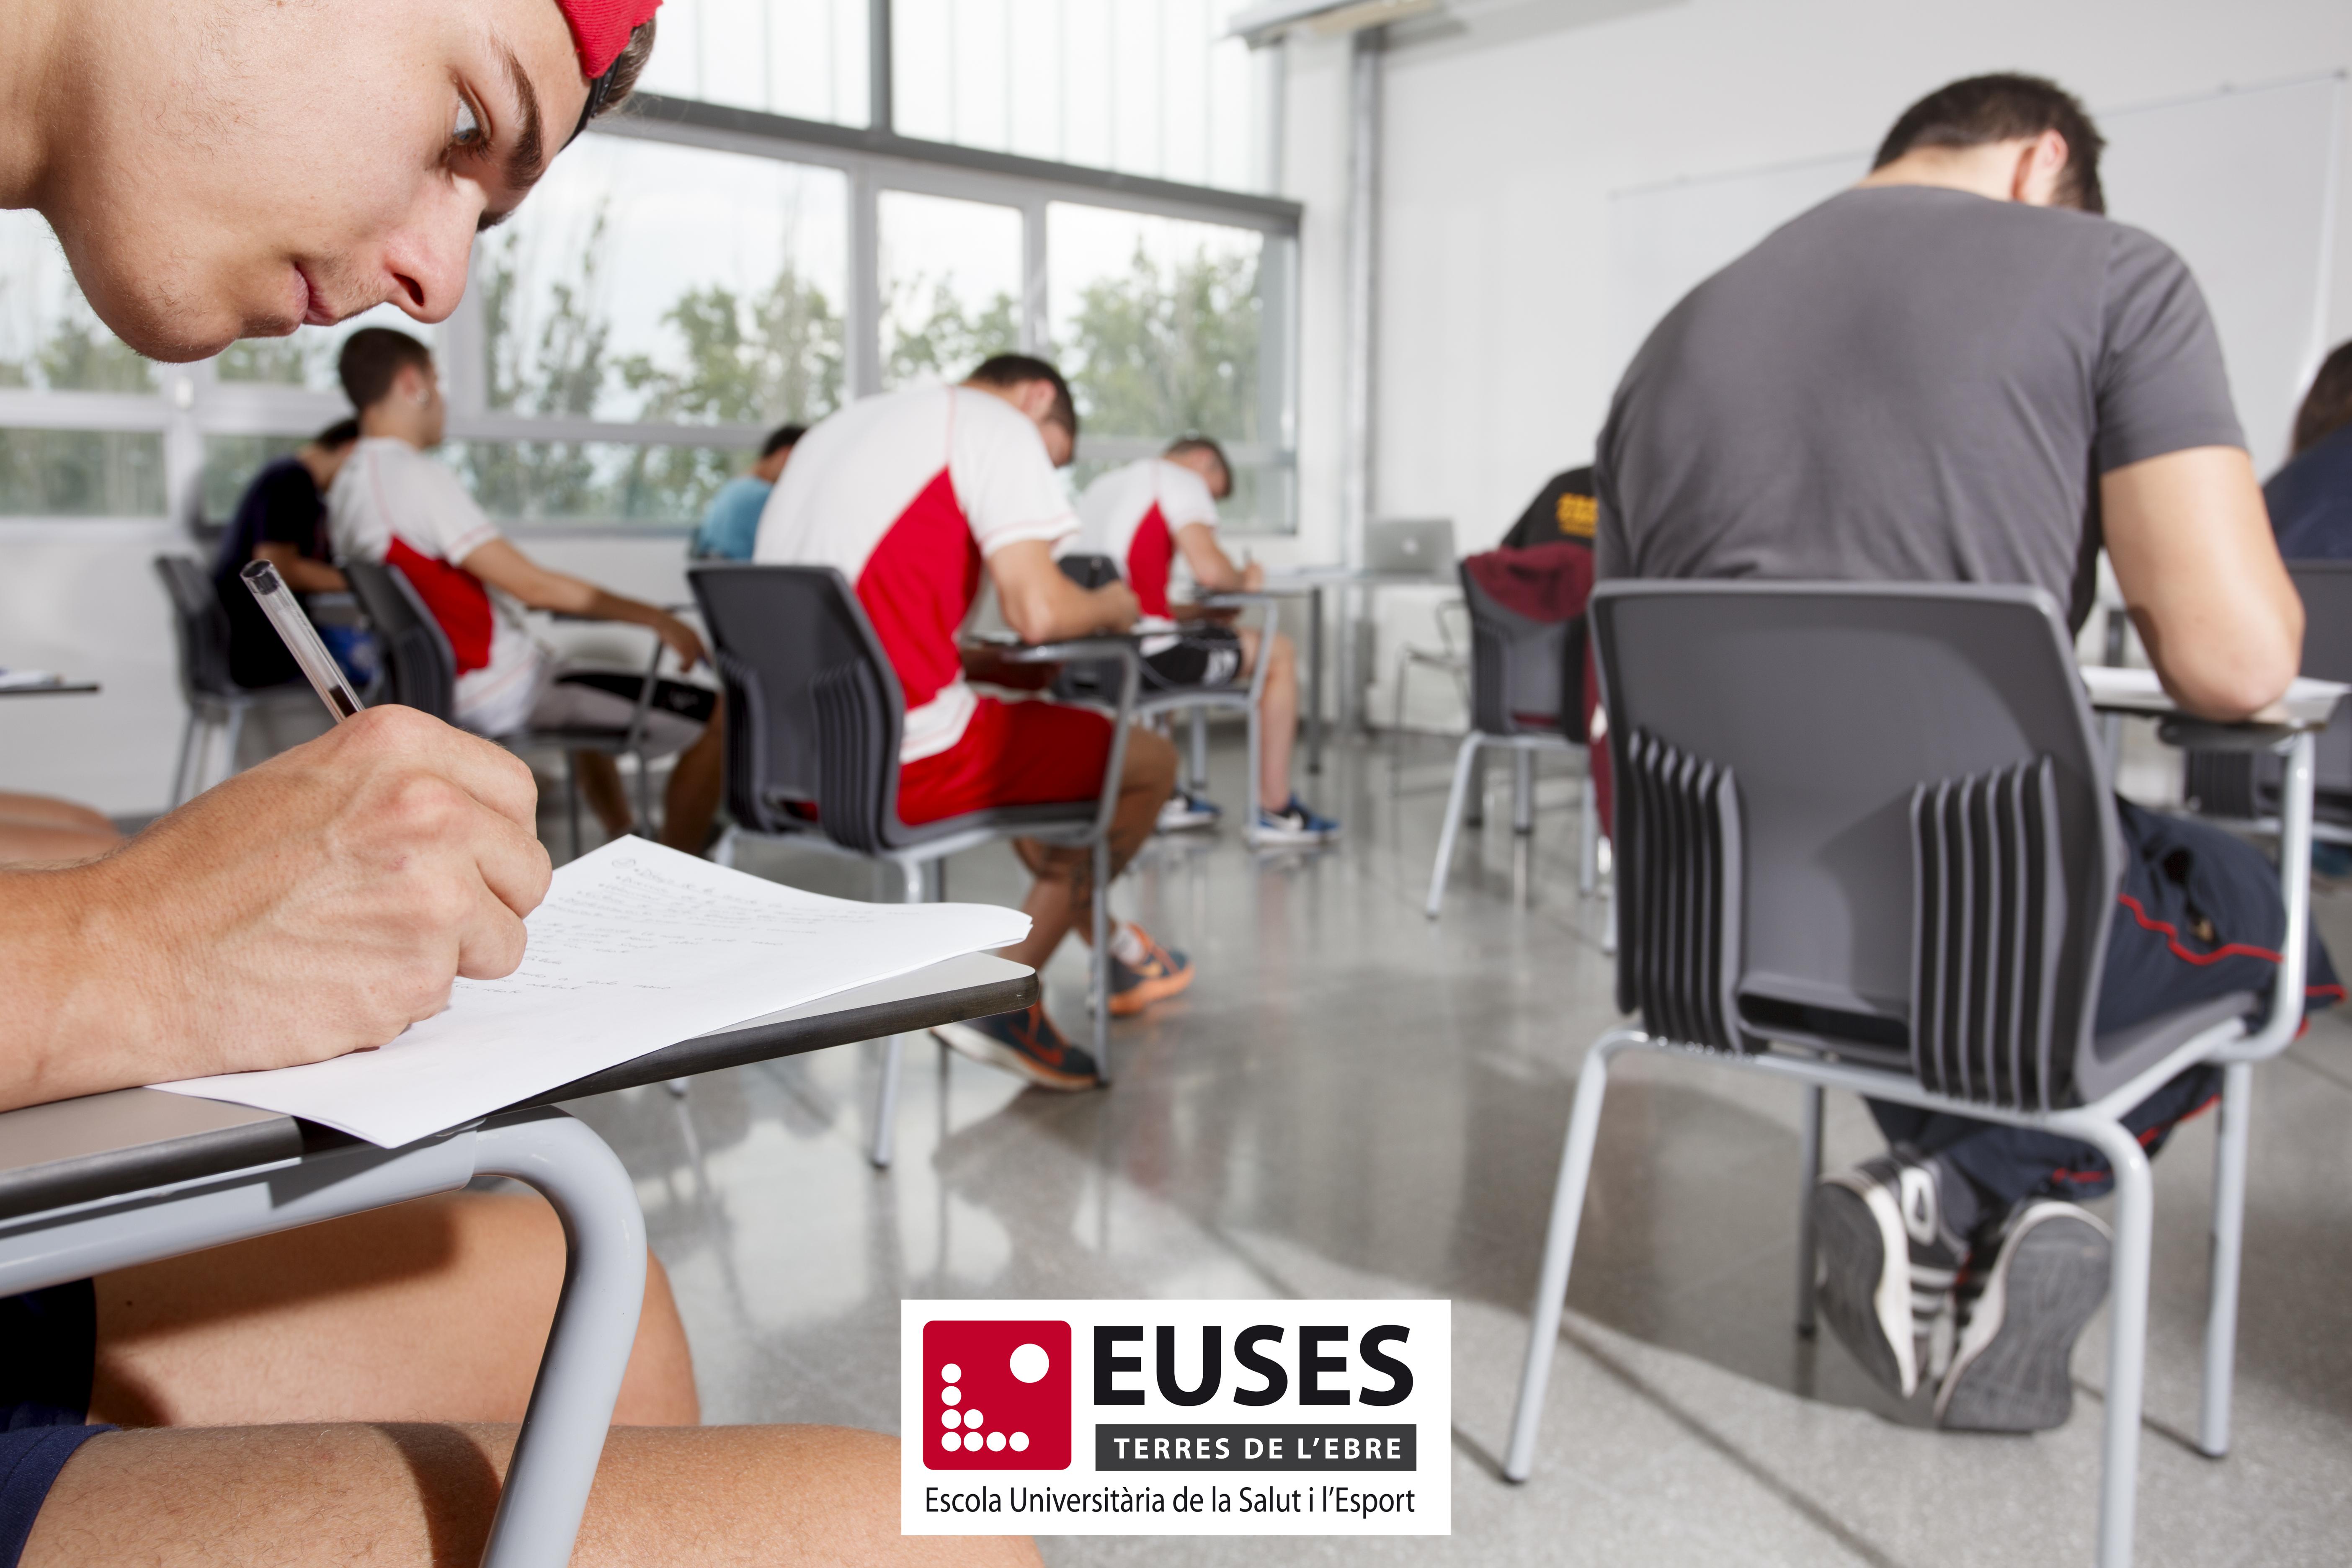 Fes ja la teva matrícula al Grau en Ciències de l'Activitat Física i l'Esport a EUSES Terres de l'Ebre